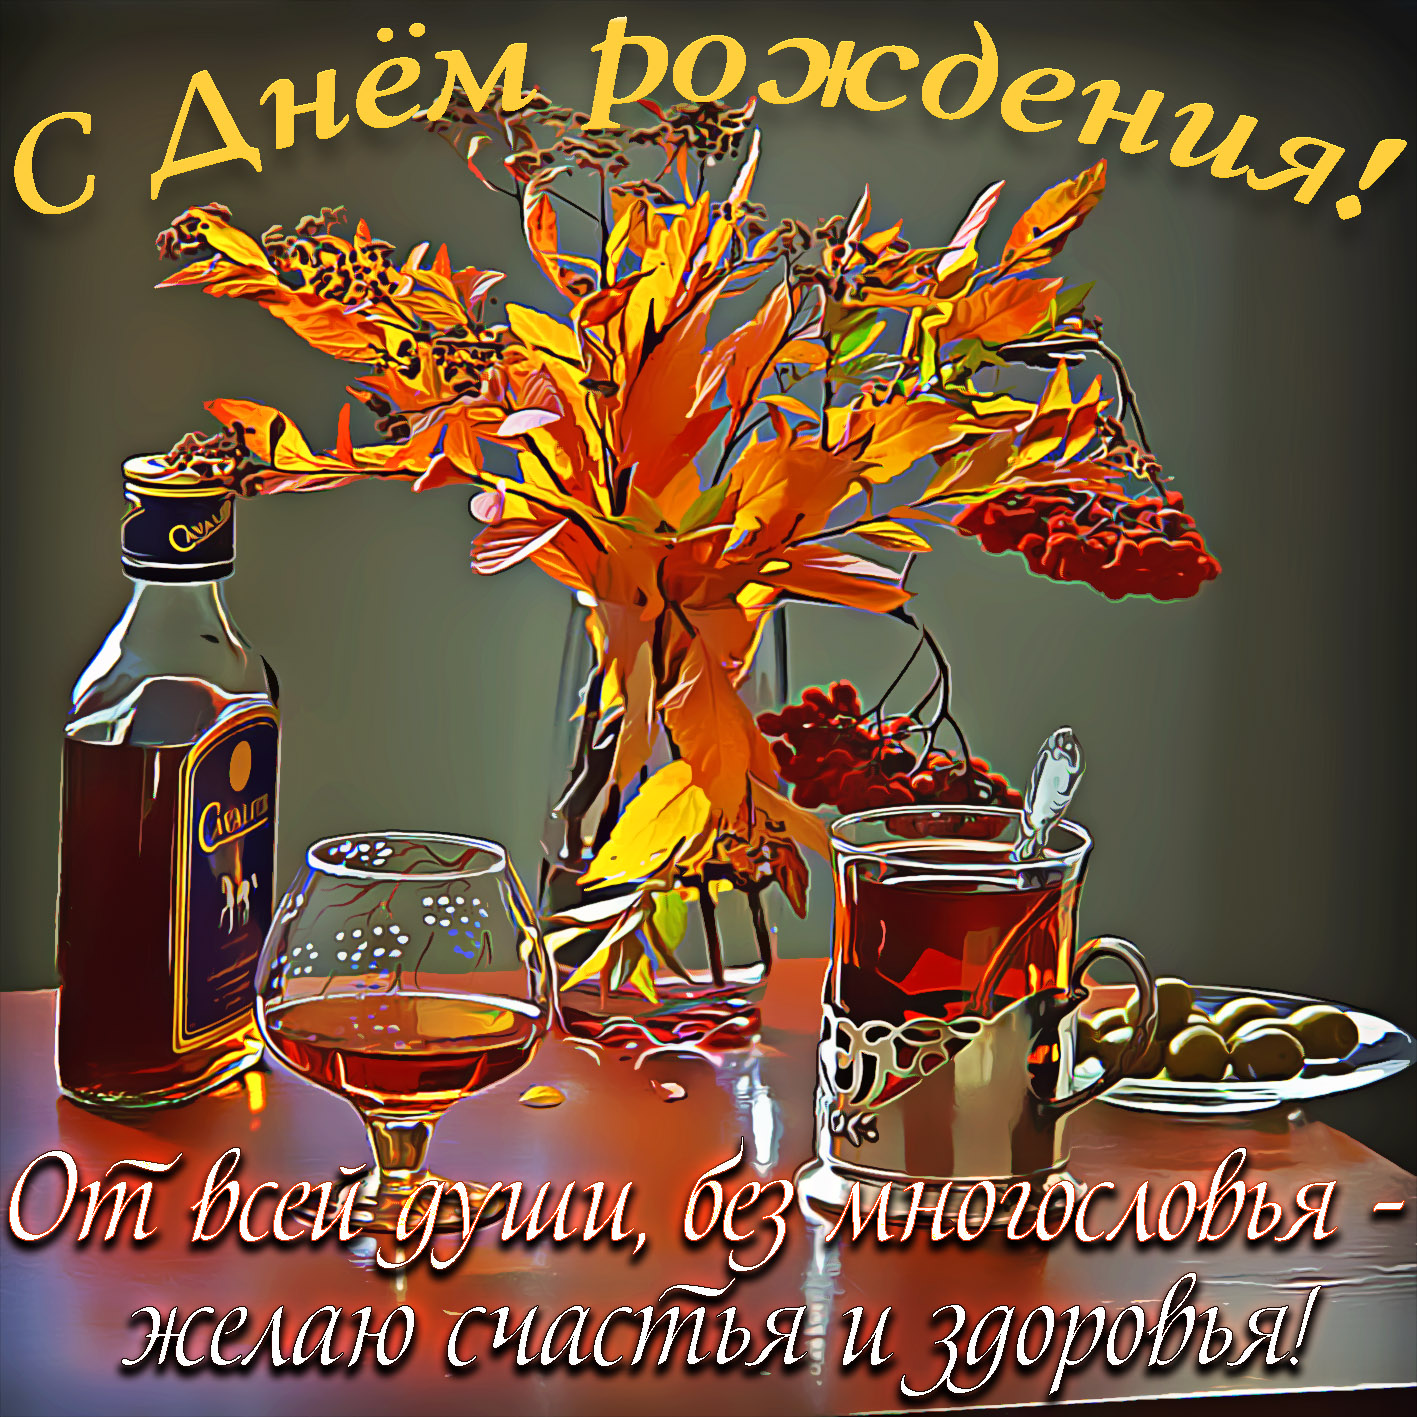 krasivye-otkrytki-c-dnjom-rozhdeniya-dlya-muzhchin-chast-2-aya-8.jpg